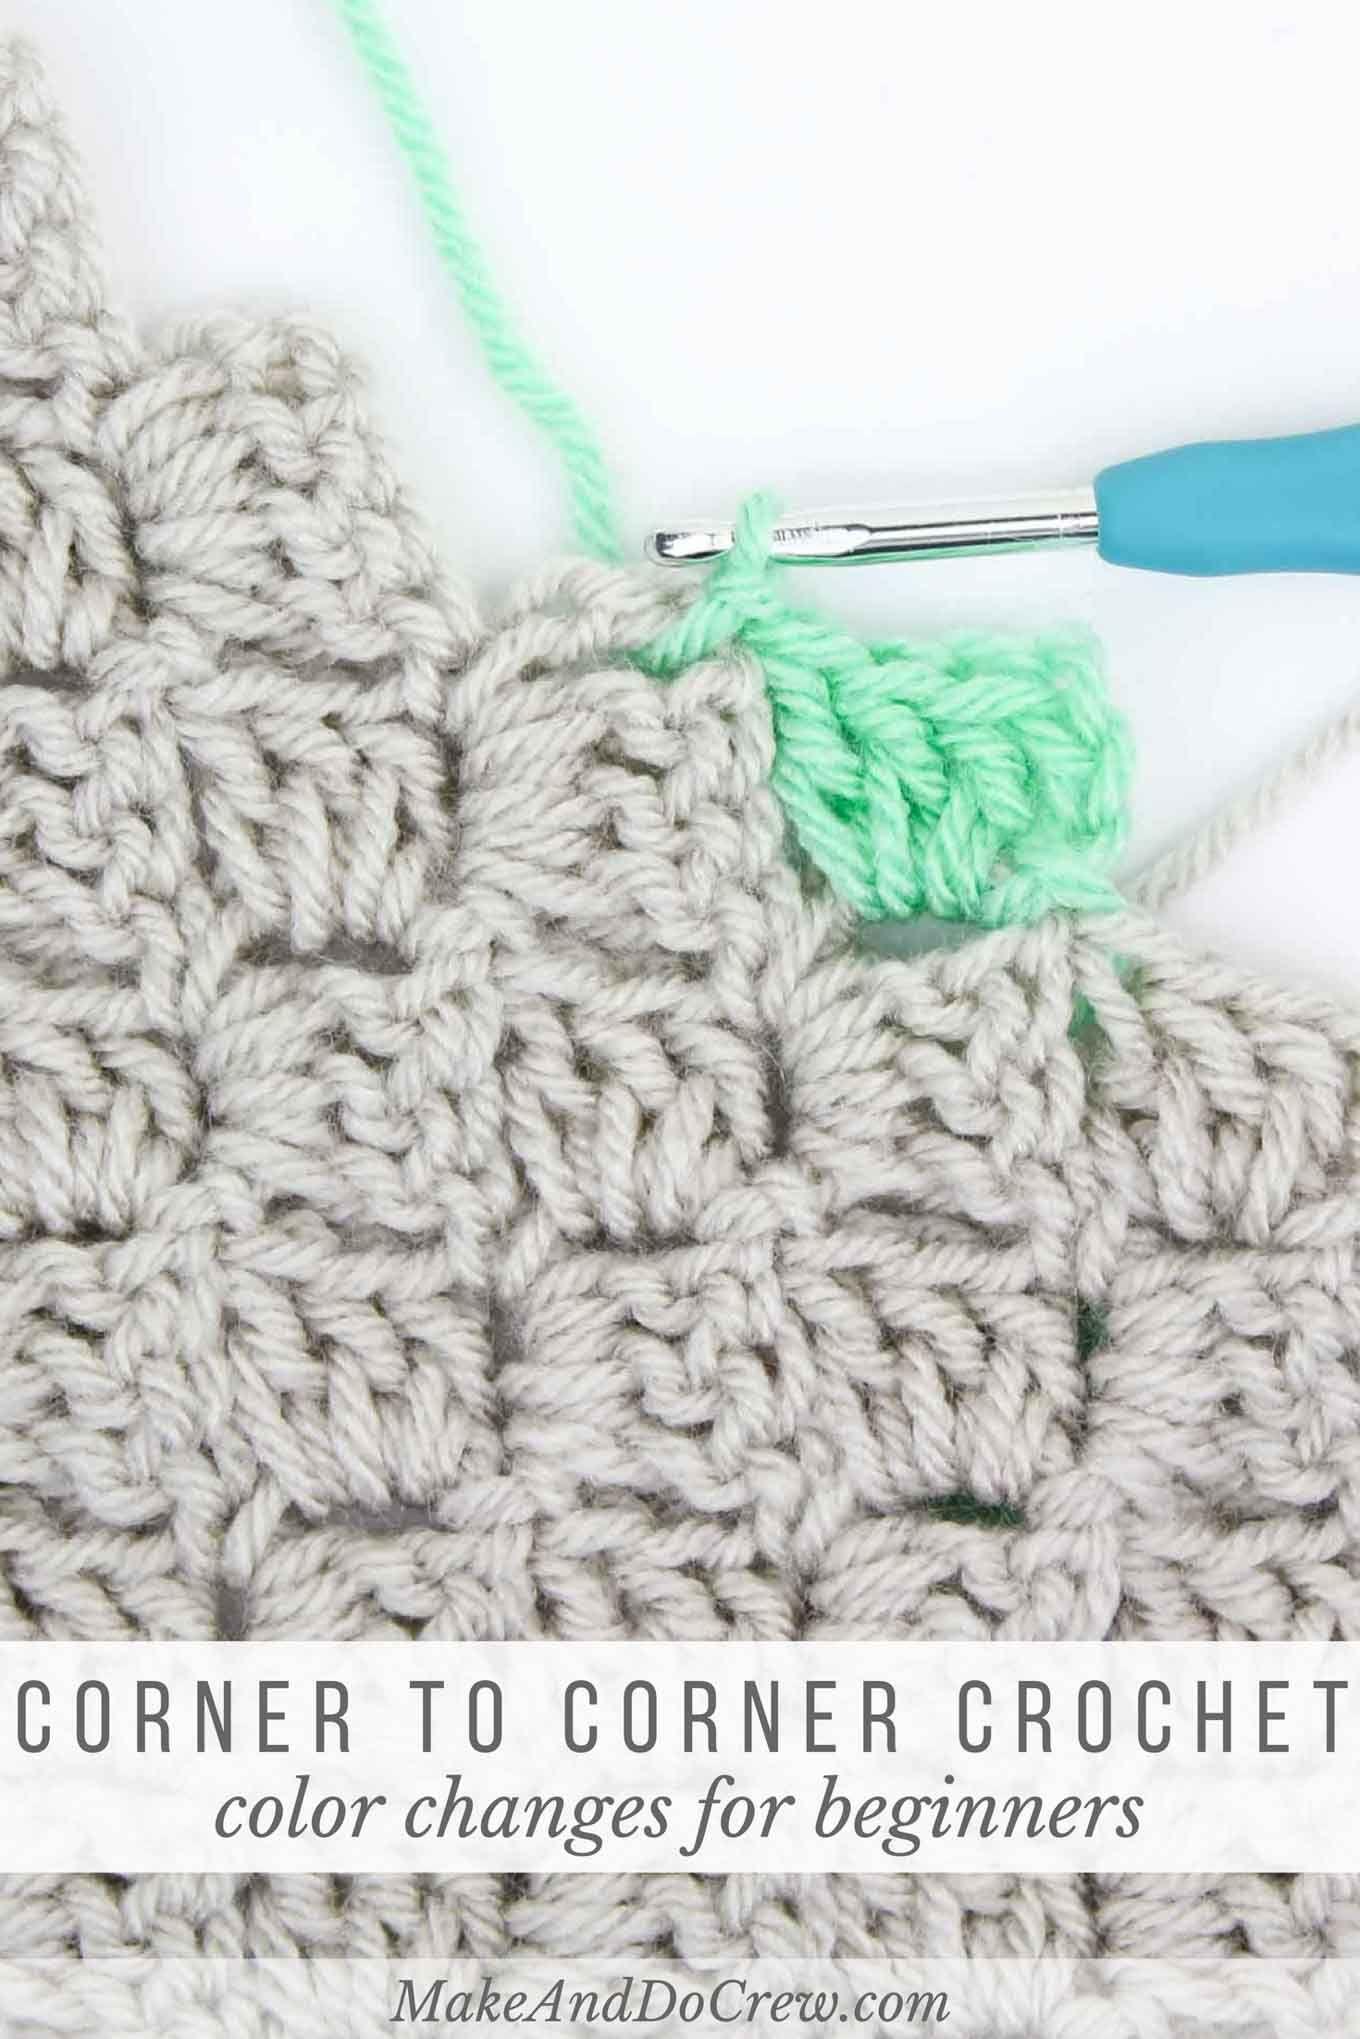 Corner To Corner Haken Patroon.How To Corner To Corner Crochet C2c For Beginners Crochet Haken